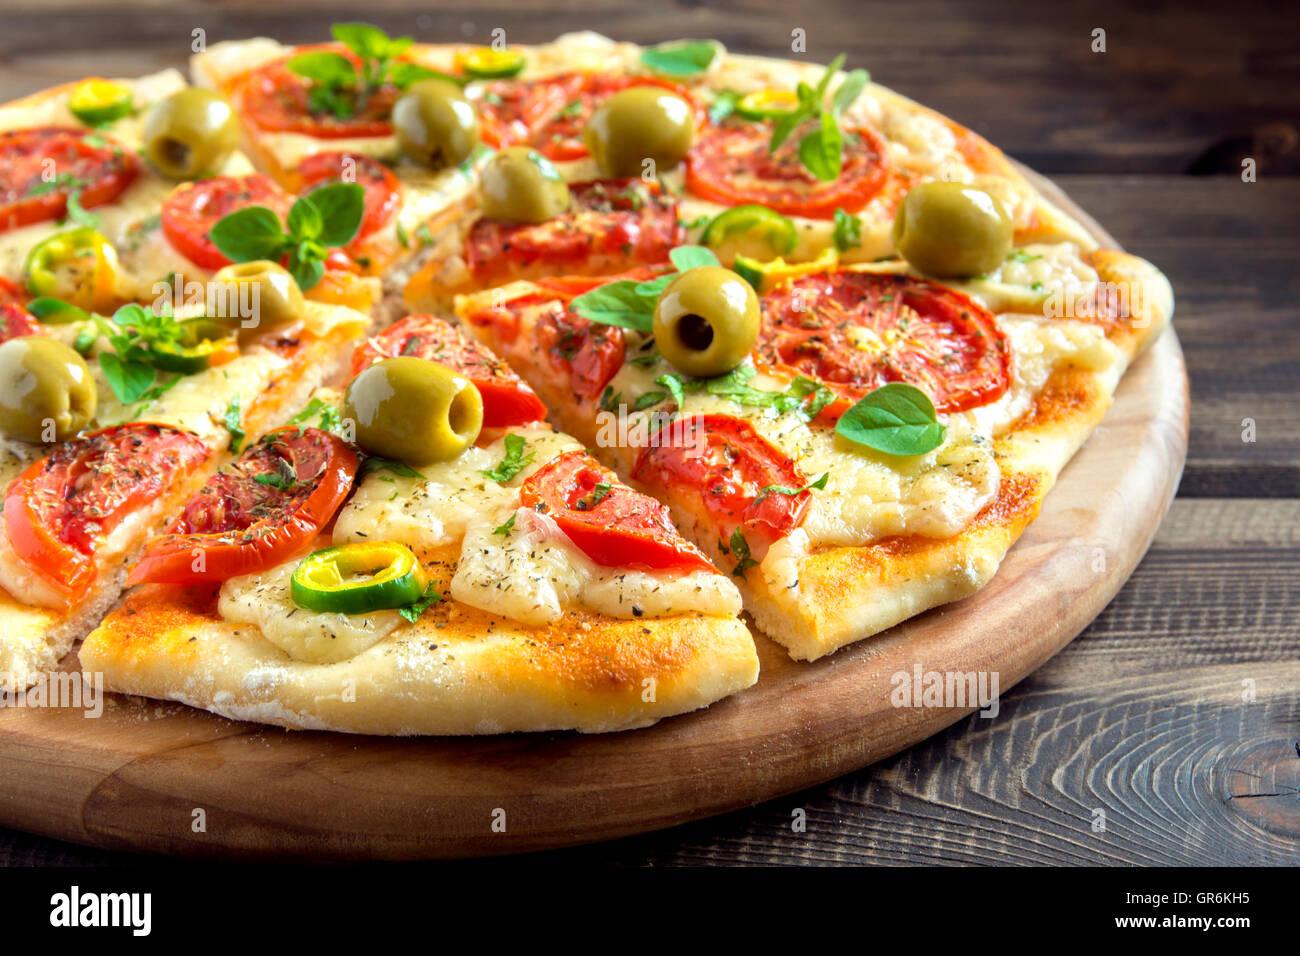 Pizza de verdura casera con tomates, aceitunas verdes, pimienta, albahaca, orégano y queso en la mesa de madera Imagen De Stock